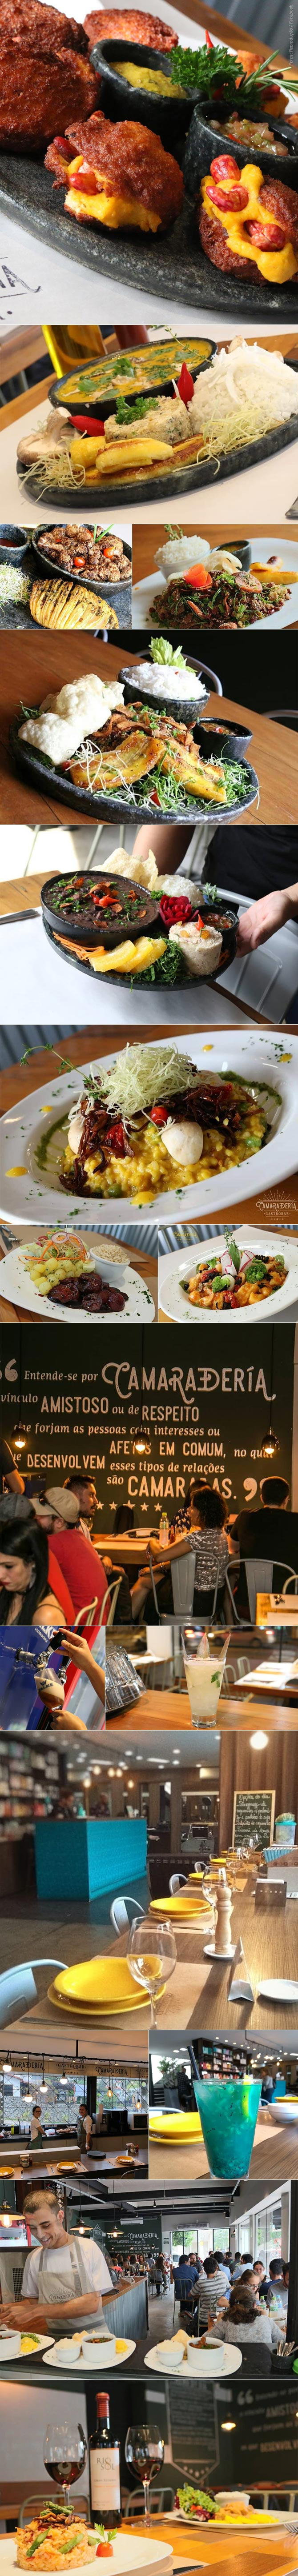 Belo Horizonte: Camaradería Gastrobar vegano faz sucesso com versões de pratos clássicos da culinária brasileira 2